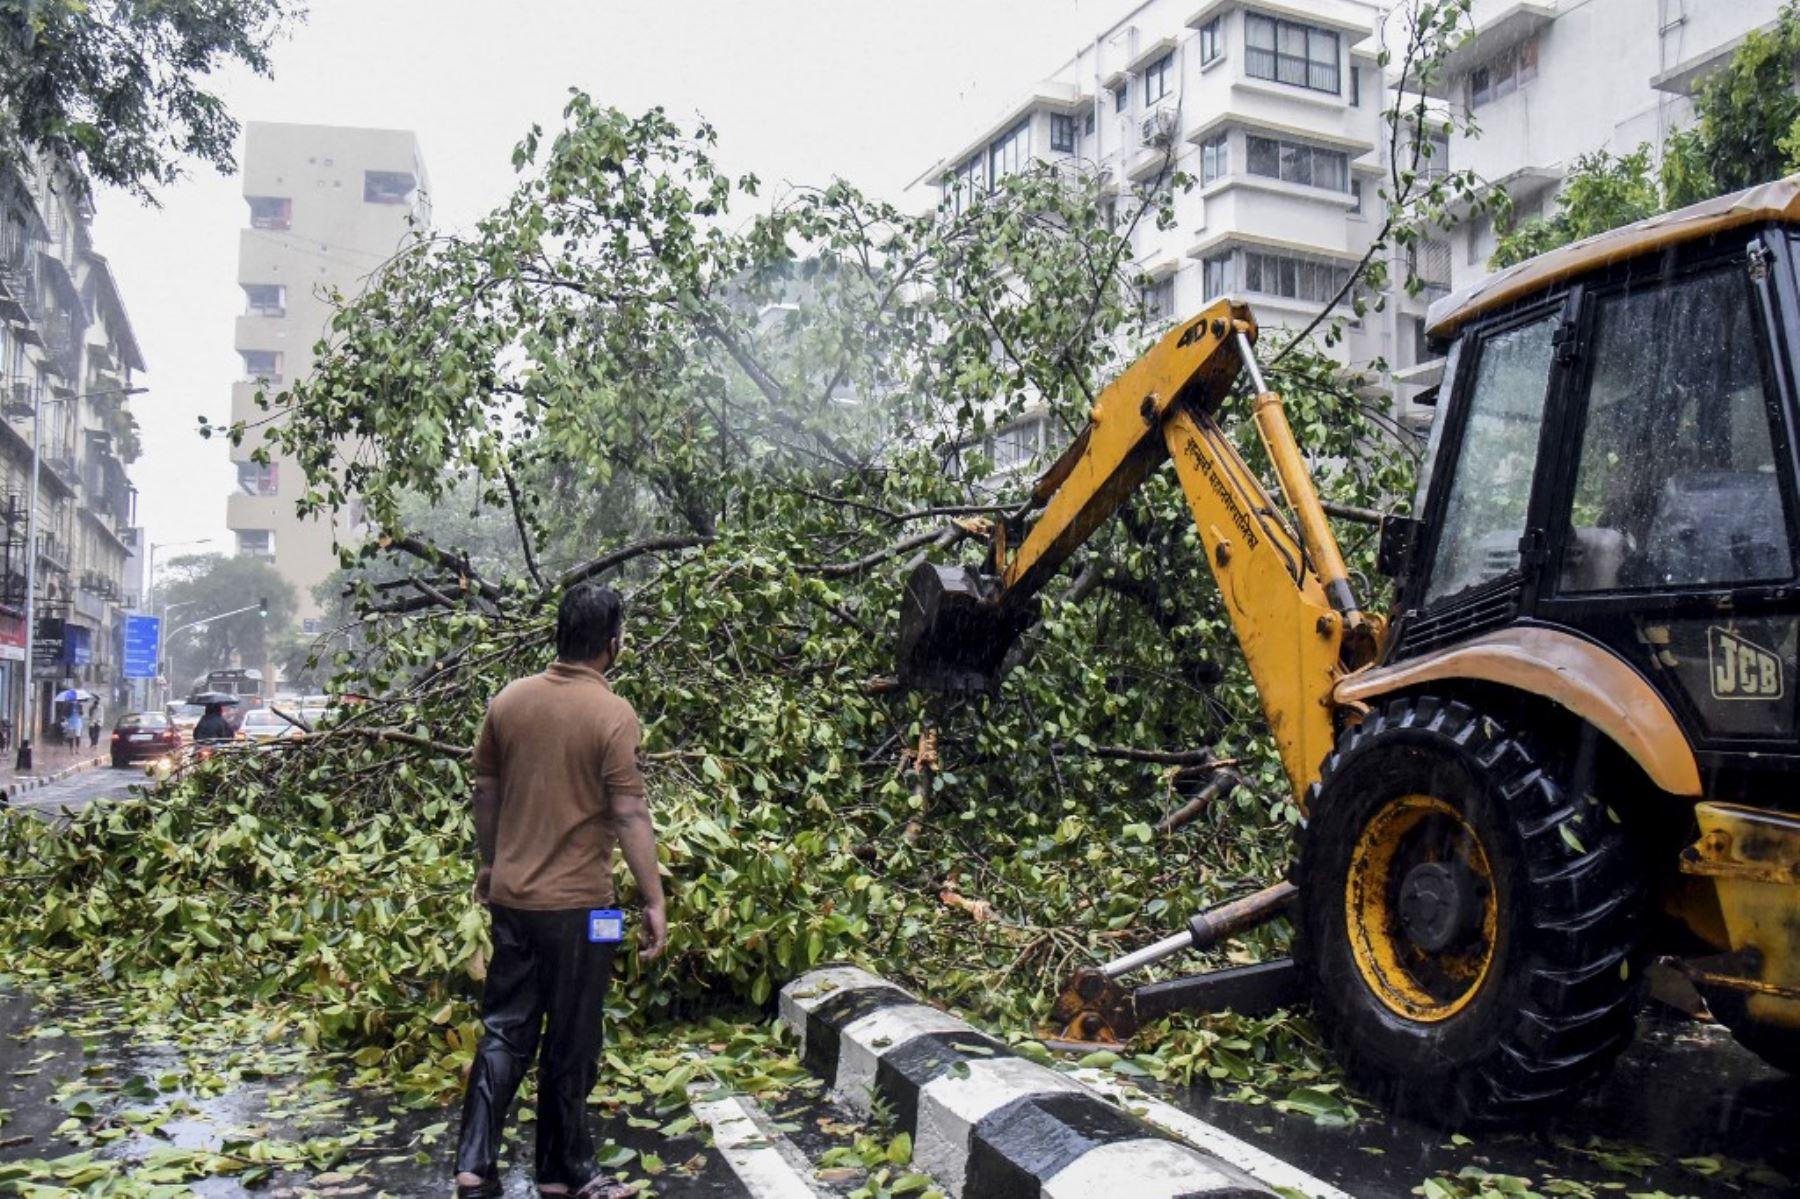 Trabajadores de la Corporación Municipal de Brihanmumbai (BMC) retiran un árbol caído de una calle tras las fuertes lluvias del ciclón Tauktae, en Mumbai el 17 de mayo de 2021. Foto: AFP